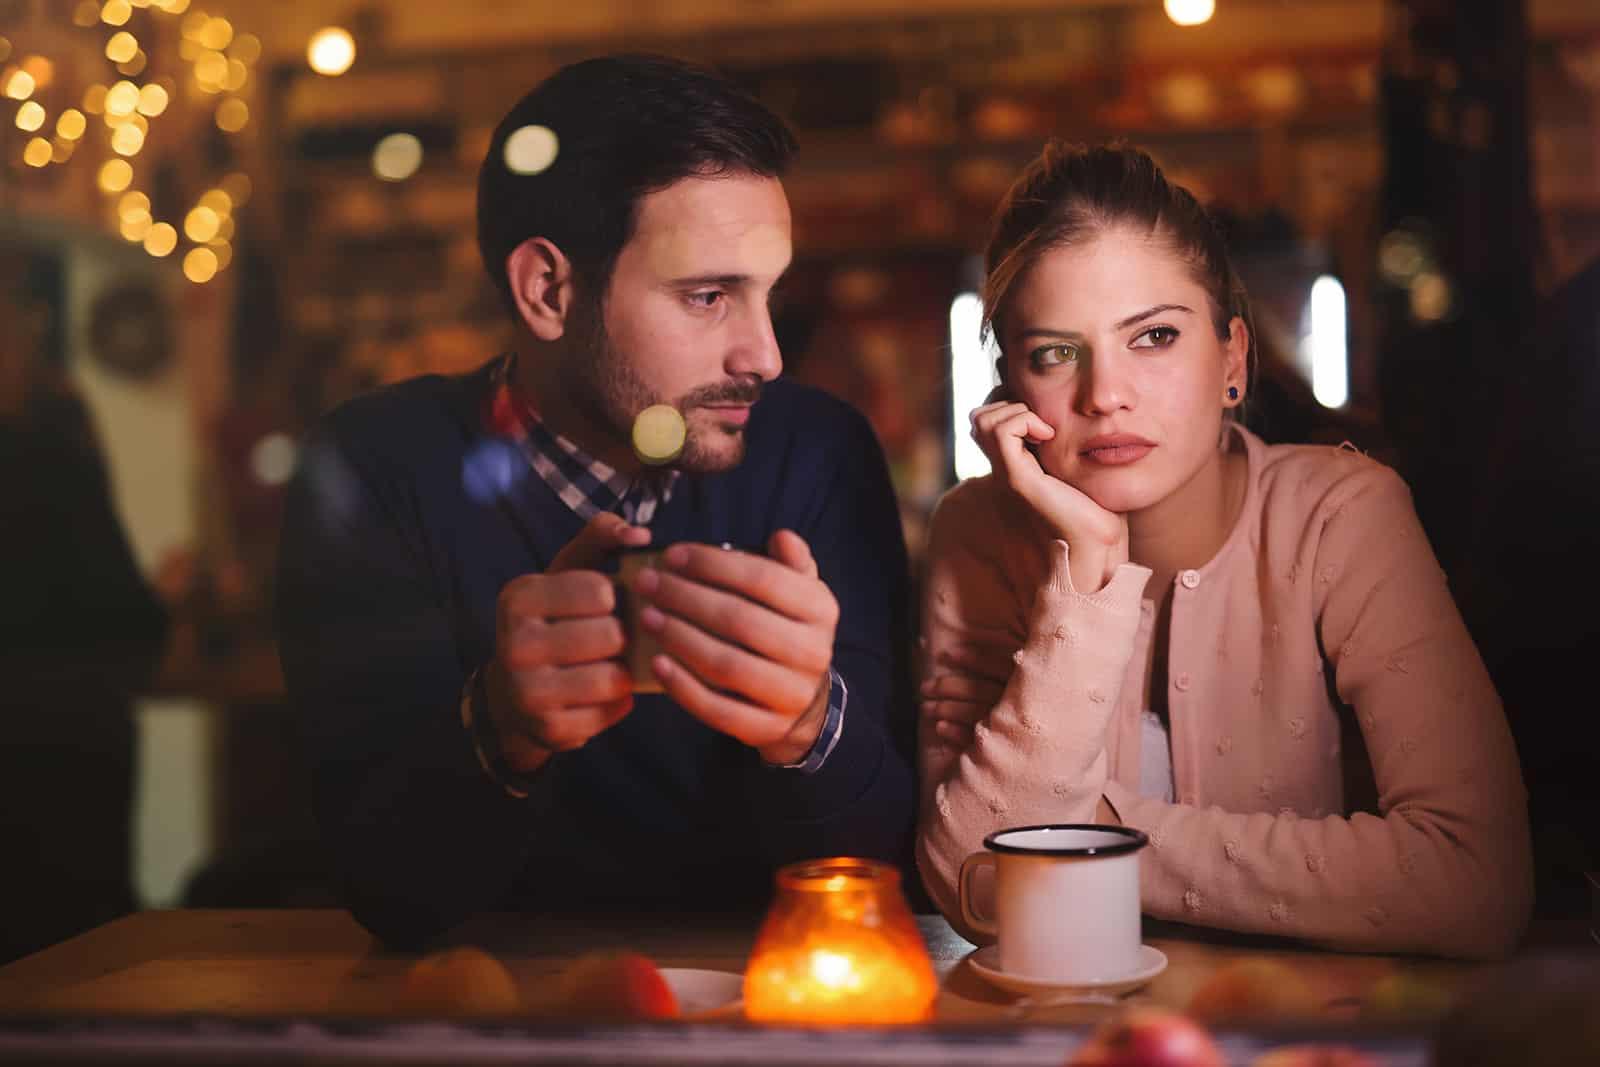 ein Mann, der seine nachdenkliche Freundin ansieht und zur Seite schaut